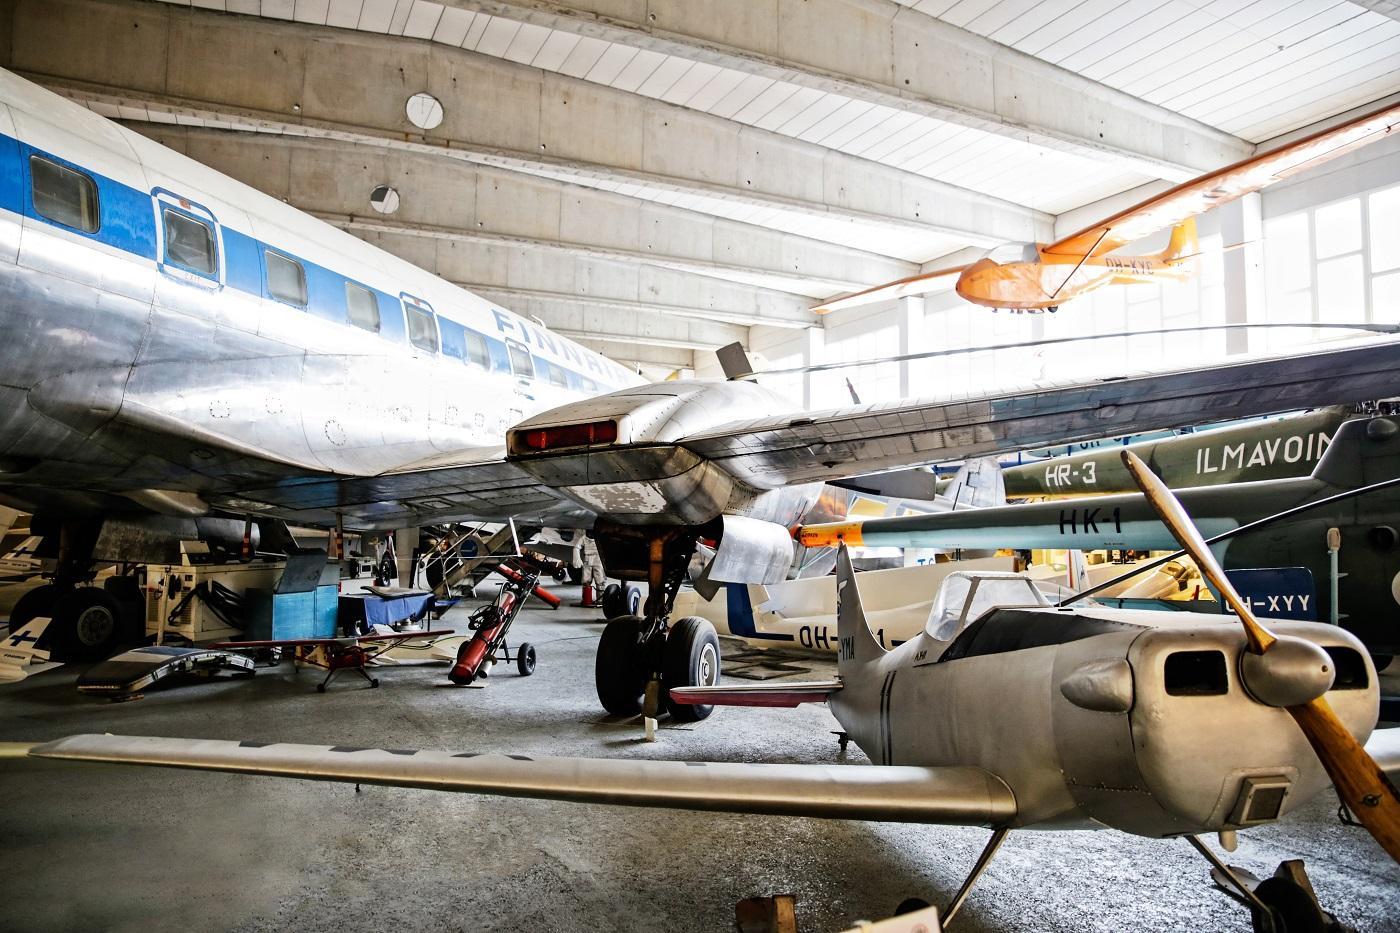 The exhibition hall, Finnish Aviation Museum Vantaa